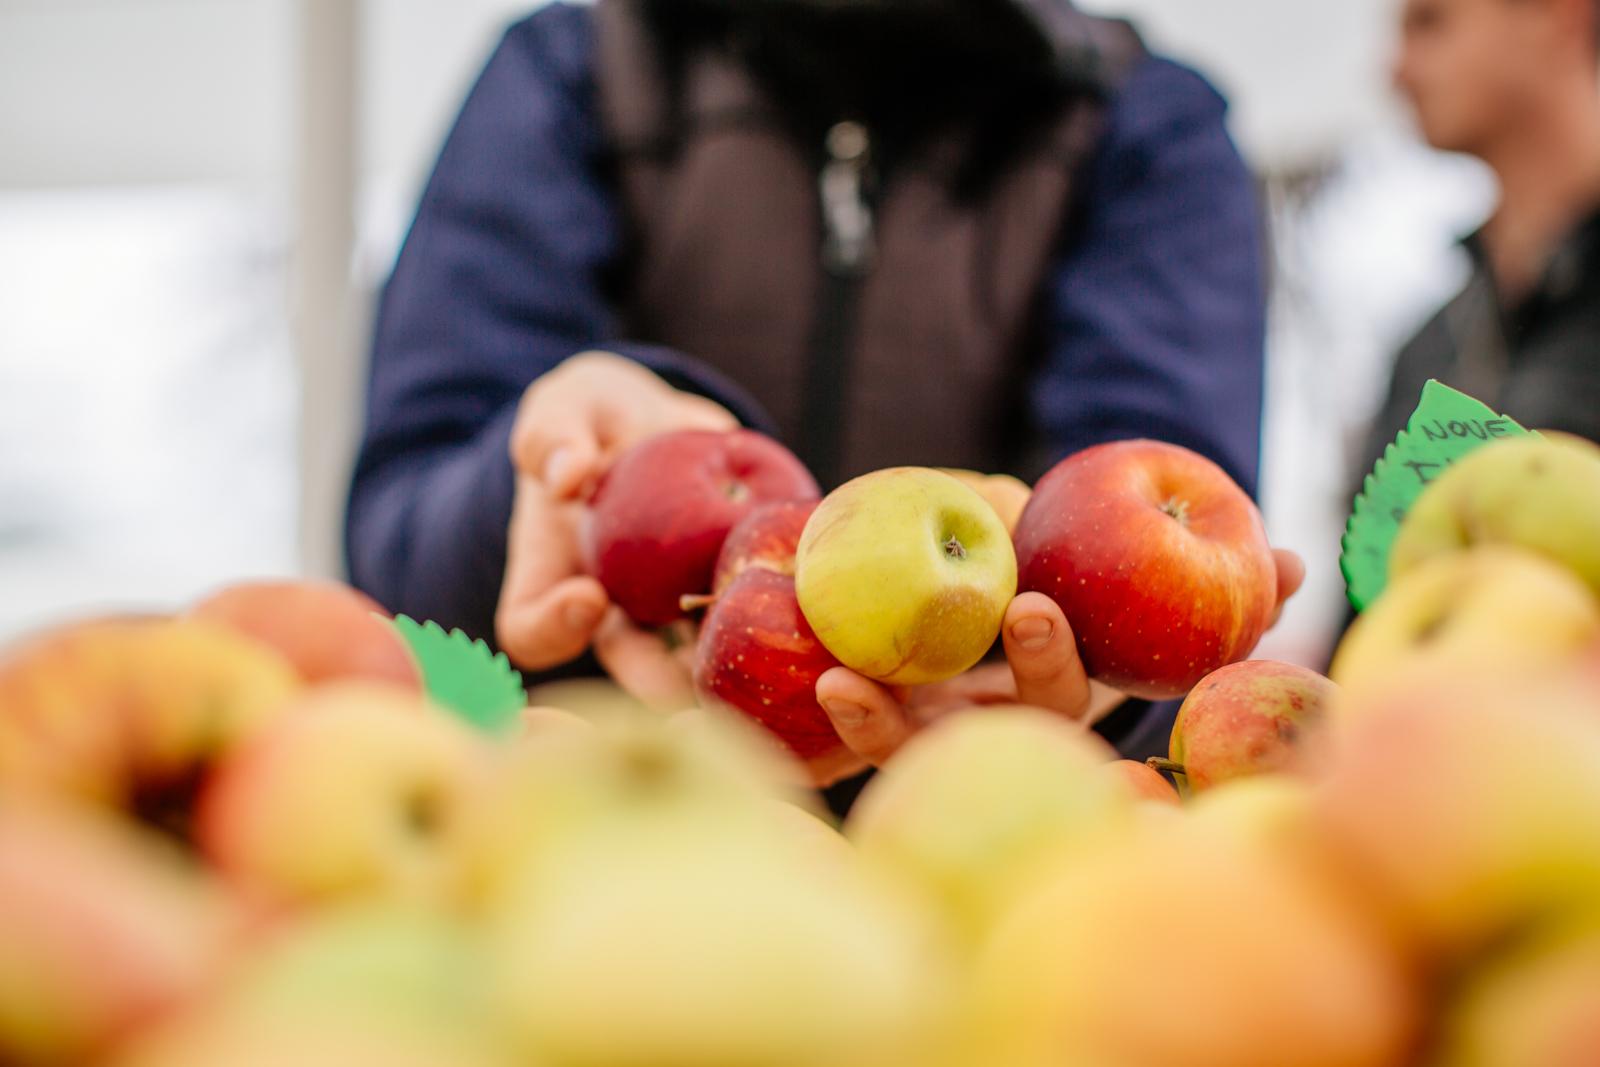 jabolka na tržnici